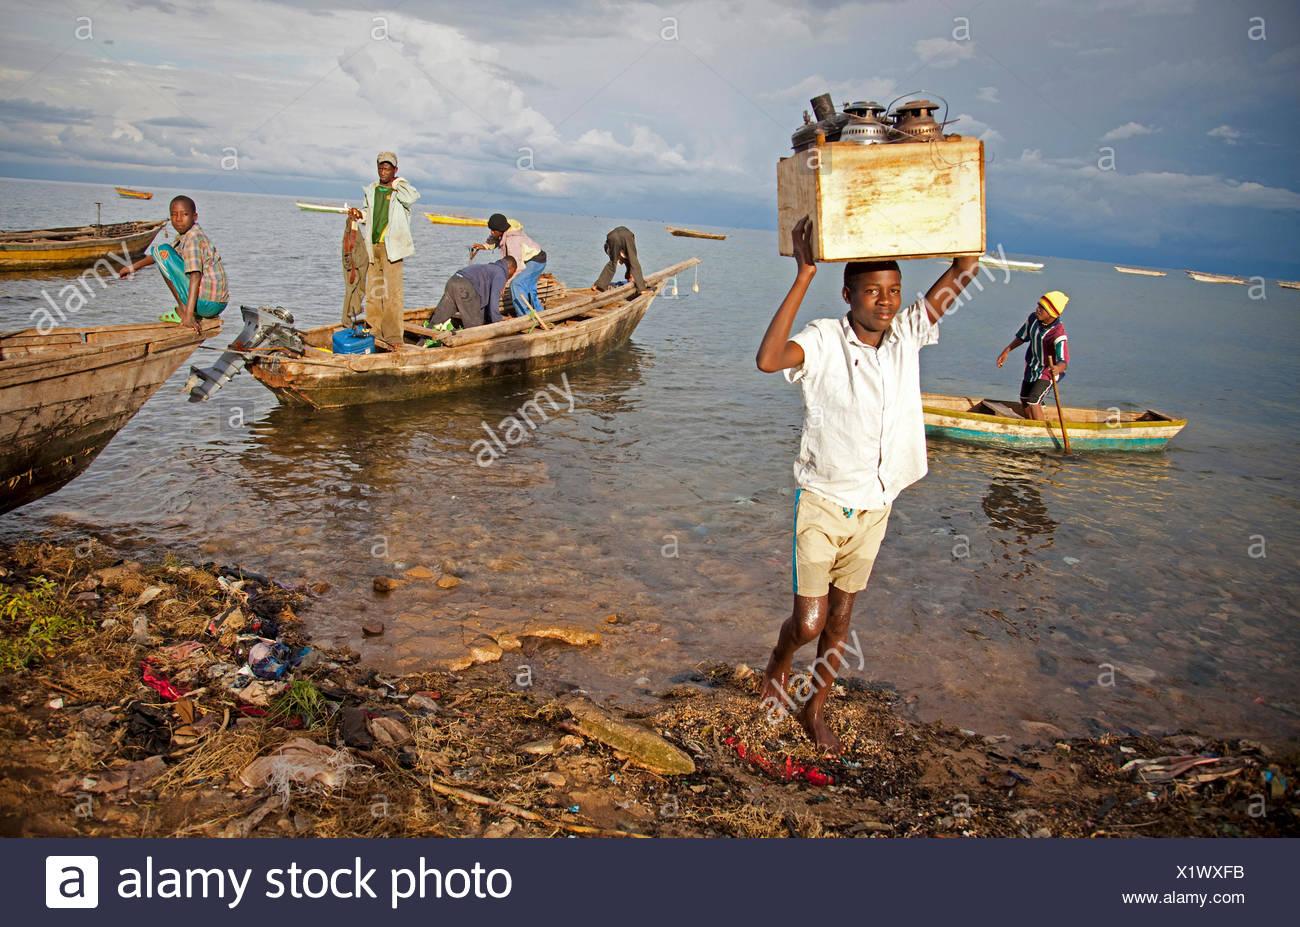 Un garçon portant un fort avec des lampes à l'huile de bateau de pêche, le lac Tanganyika, le Burundi, Makamba, Mvugo, Nyanza Lac Photo Stock